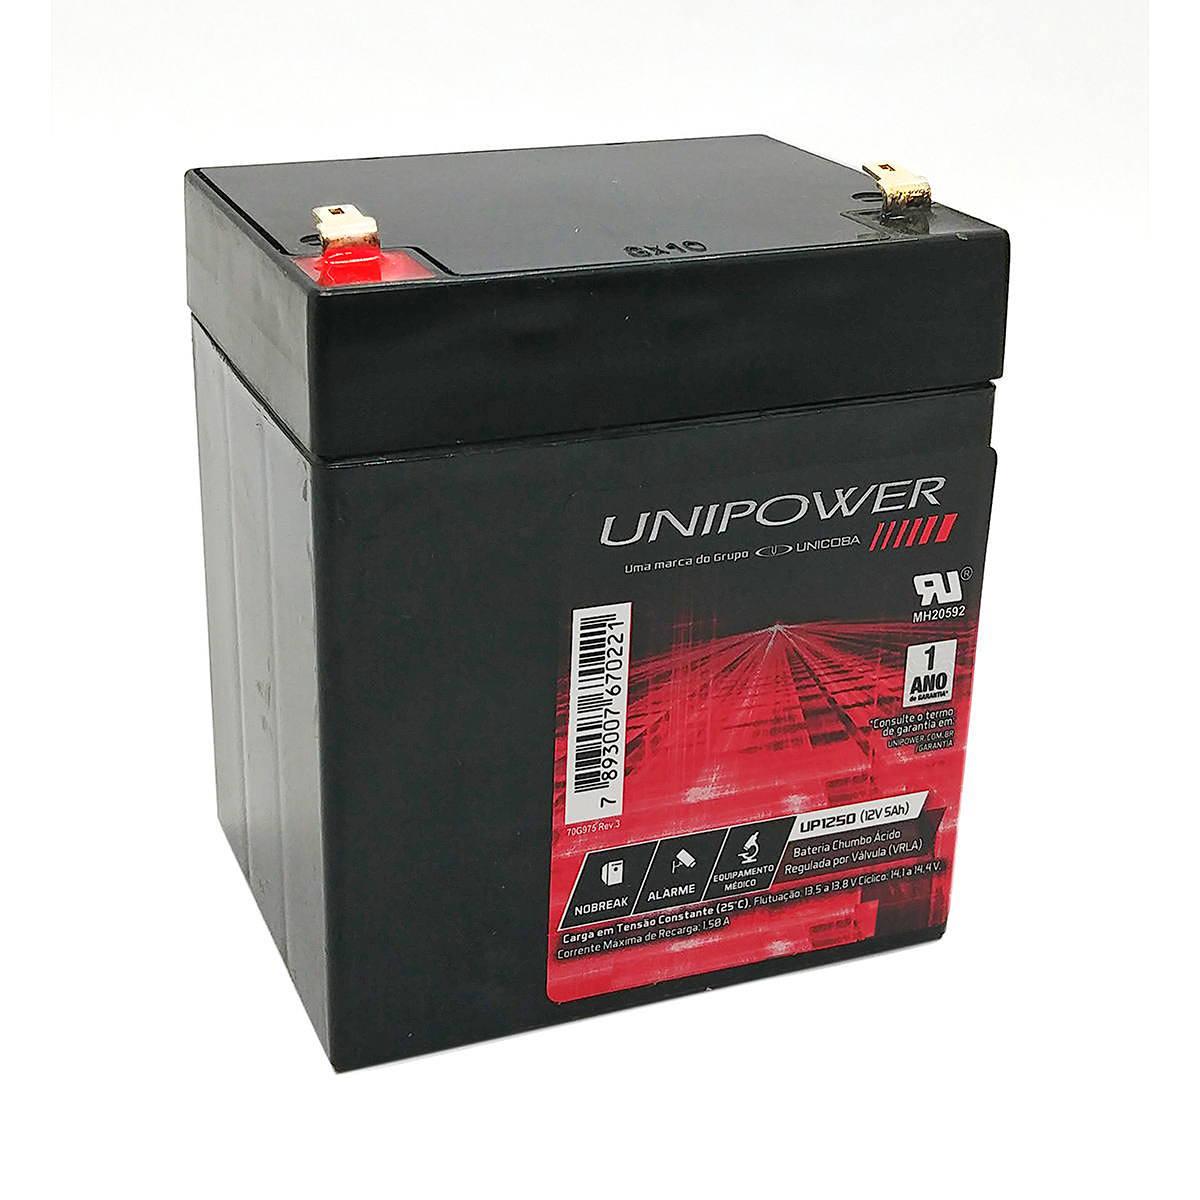 Bateria 12V 5Ah Selada para Brinquedos Balanças Nobreaks Iluminação de Emergência VRLA Unicoba Unipower UP1250